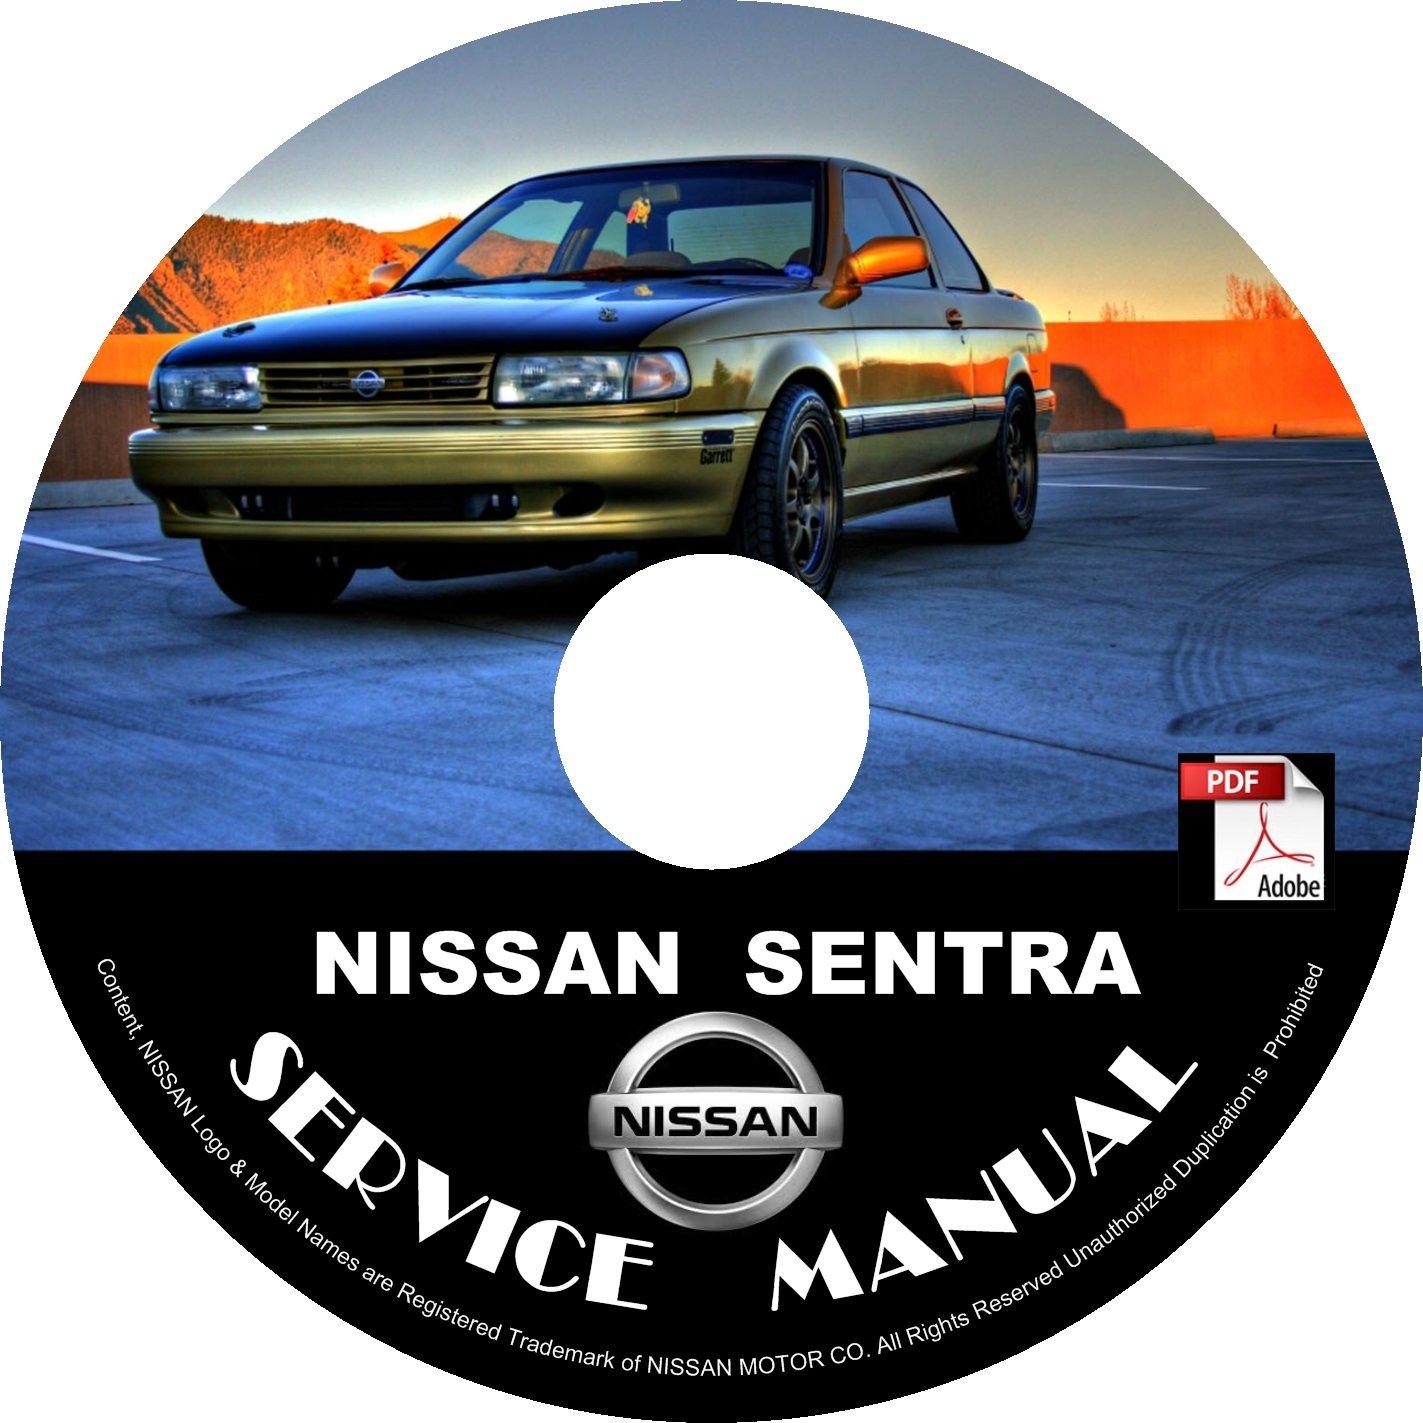 1991 Nissan Sentra Service Repair Shop Manual on CD Fix Repair Rebuild '91 Workshop Guide